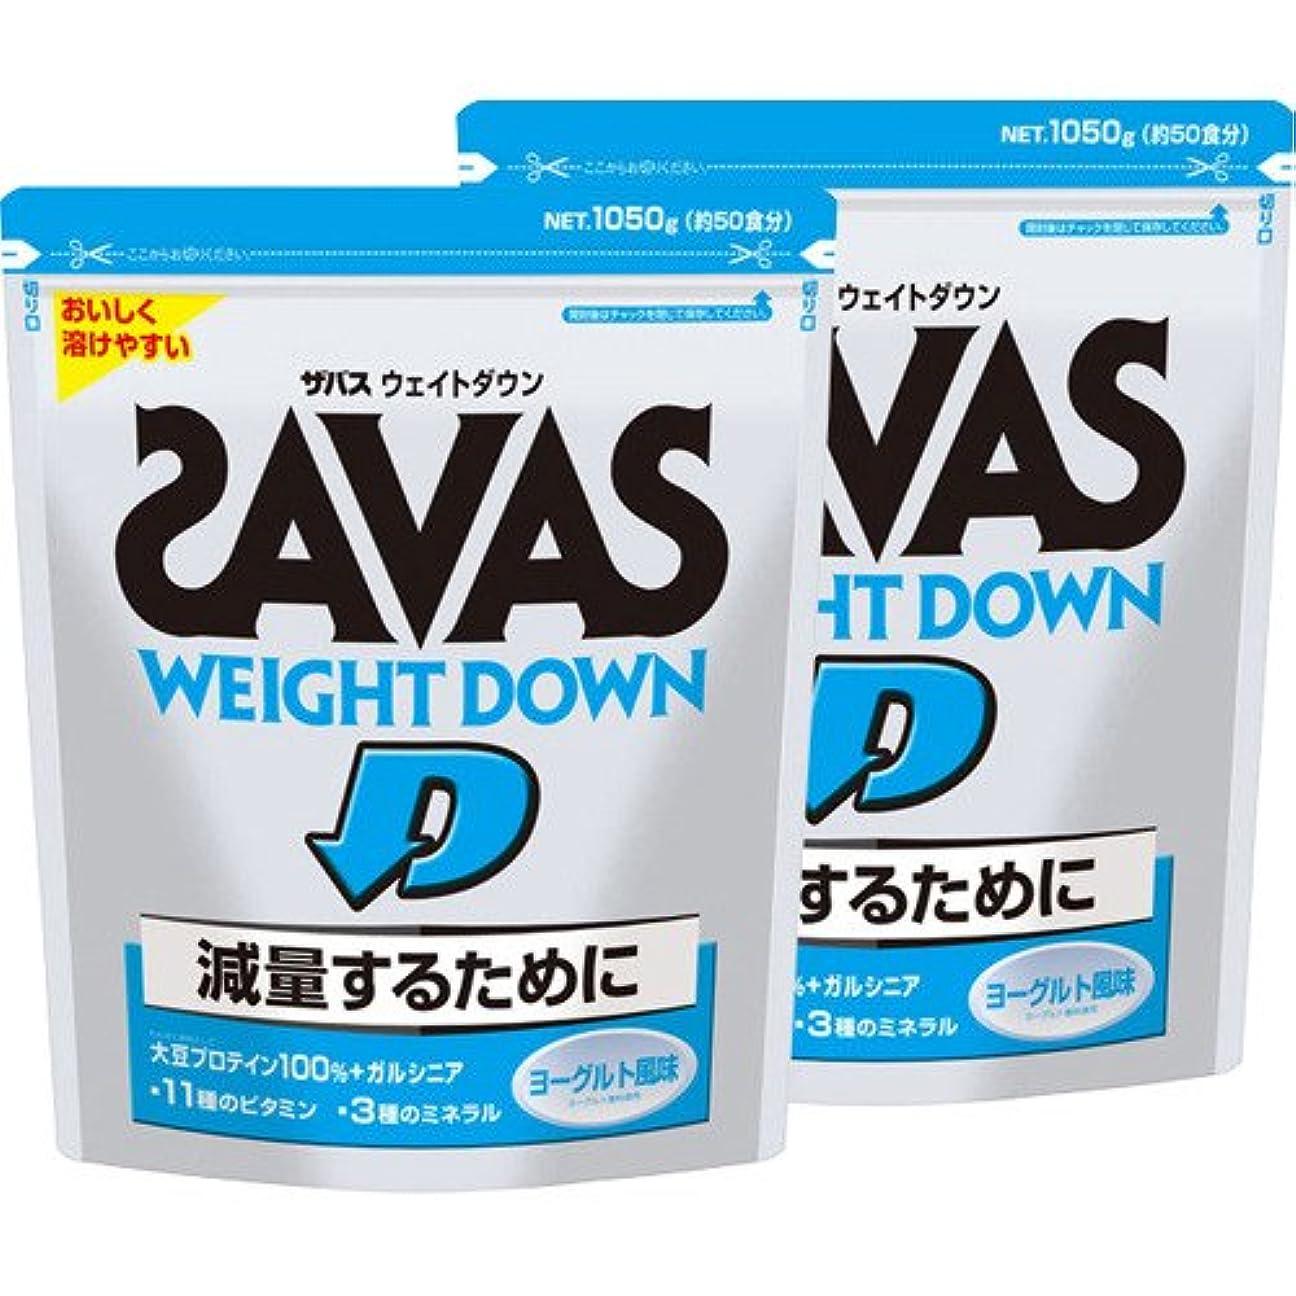 無線謎めいたスチール【セット販売】ザバス ウェイトダウン ヨーグルト風味 1050g×2袋